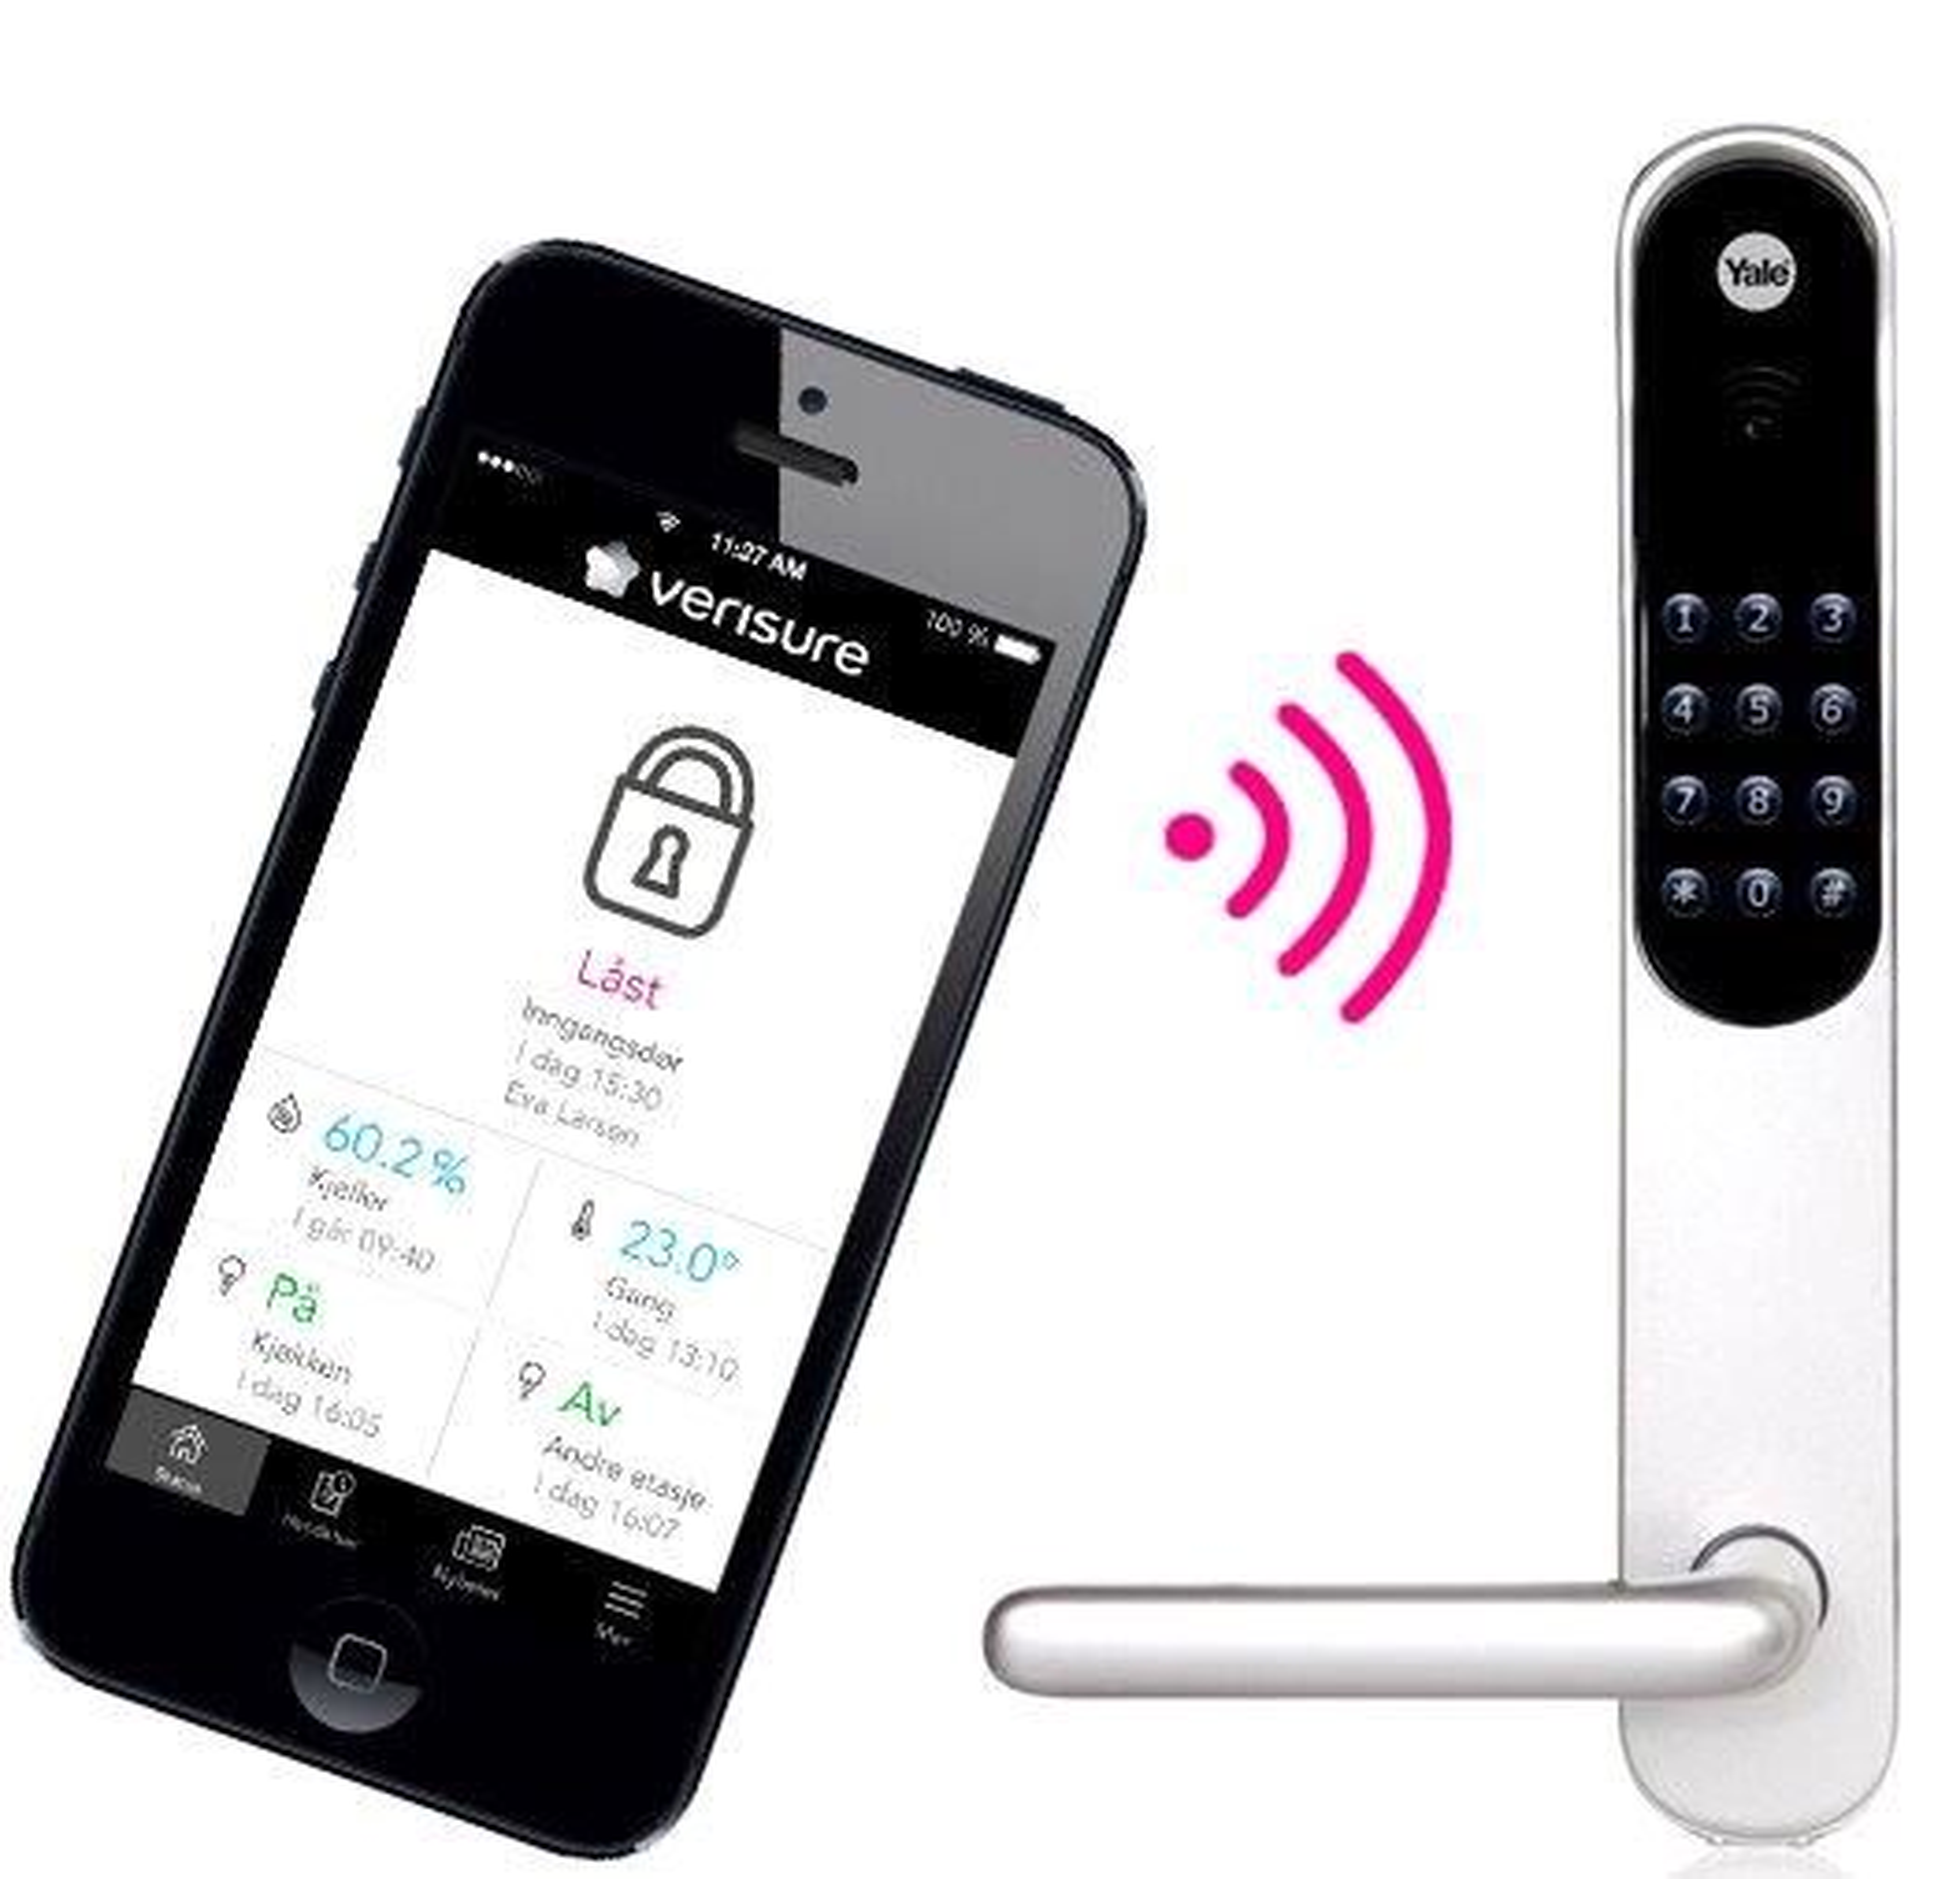 Bytter alt: Med Yale  Doorman v2 bytter man hele låsemekansimen i døren og får en veldig fleksibel løsning. Her er nøkkelen erstattet med enten en kode som tastes inn, RFID-brikker, eller en app på telefonen som sjekker informasjonen mot Verisure i nettskyen. Låsen er det mulig å fjernåpne døra for barn og vaskehjelper.